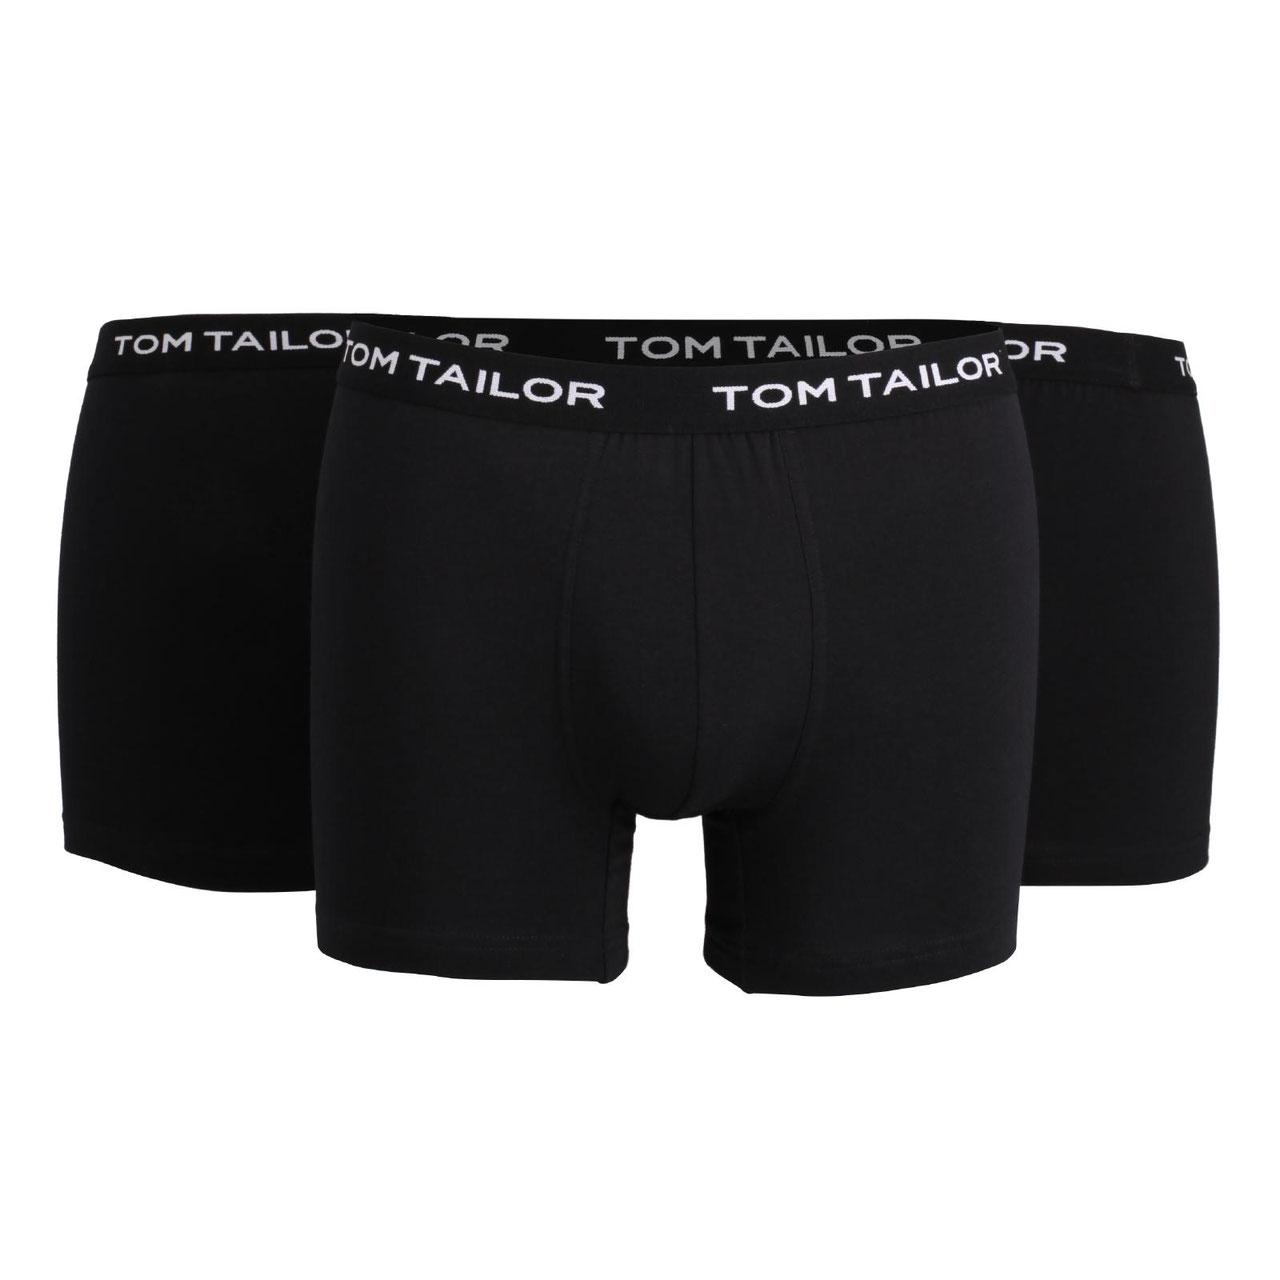 77a510bfe3 Tom Tailor Unterwäsche - Das Online Herrenmodegeschäft in ...